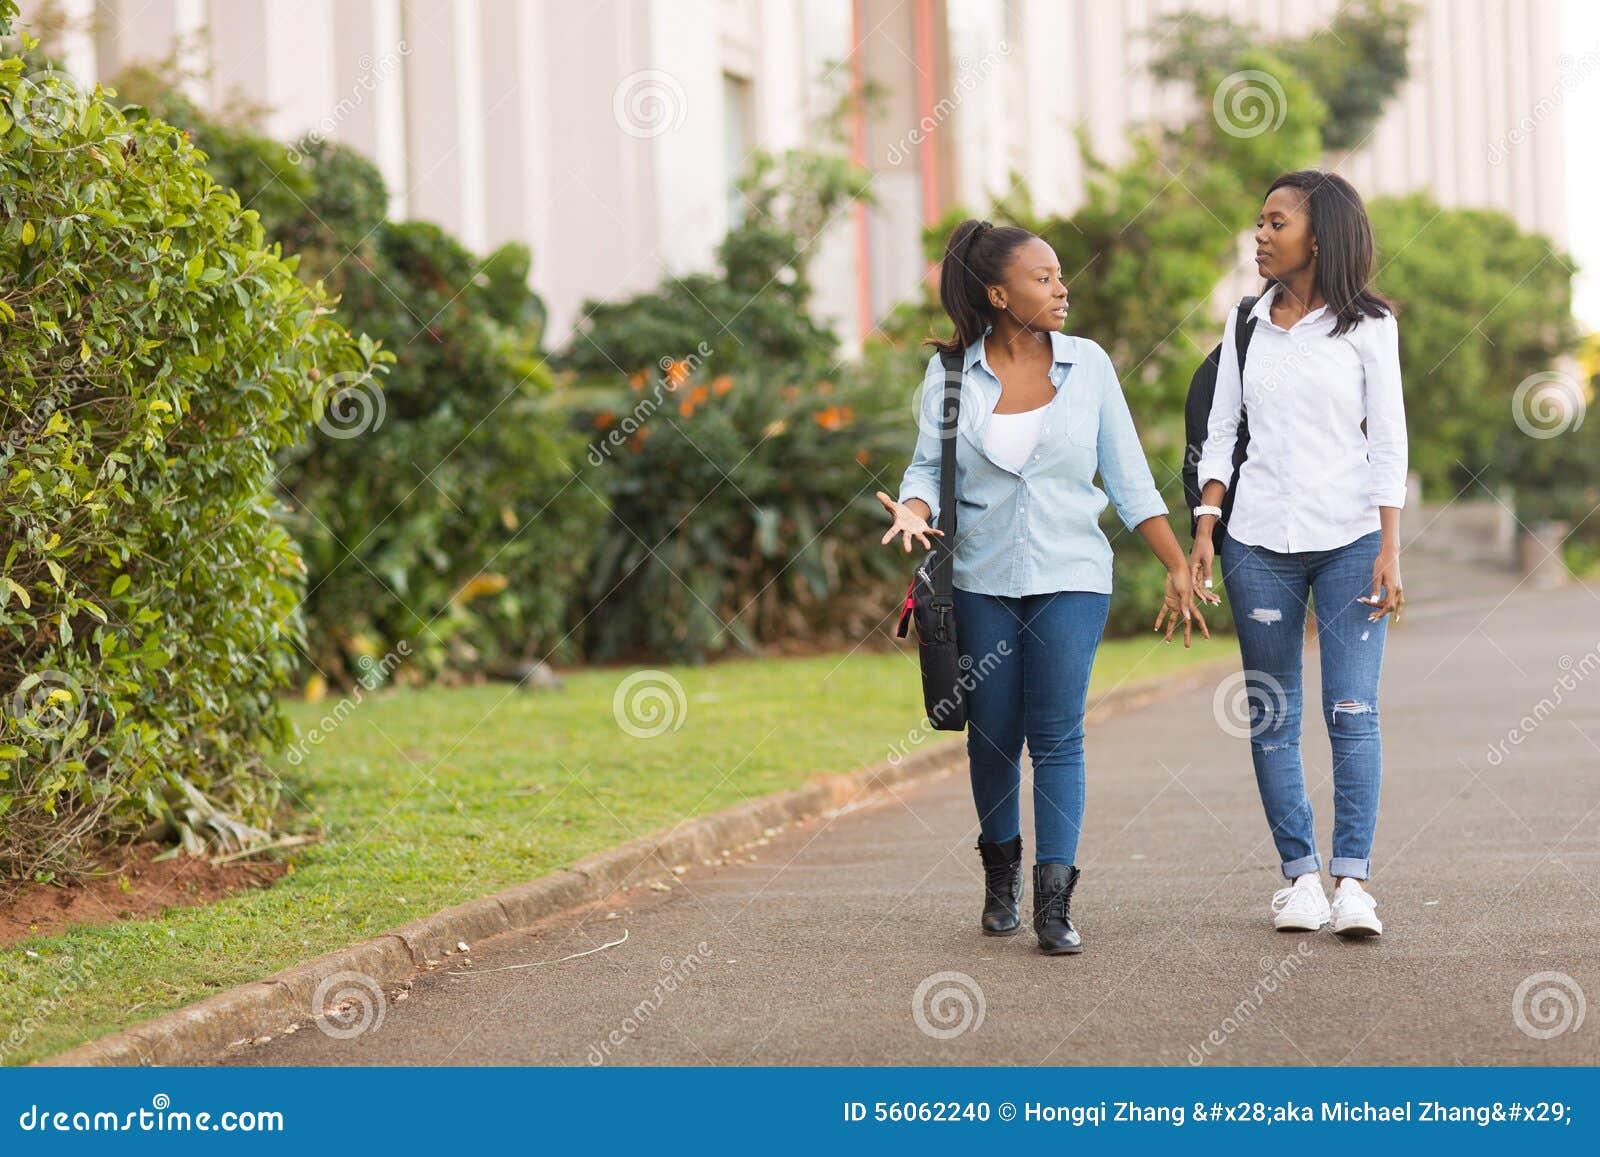 Studenti che camminano insieme